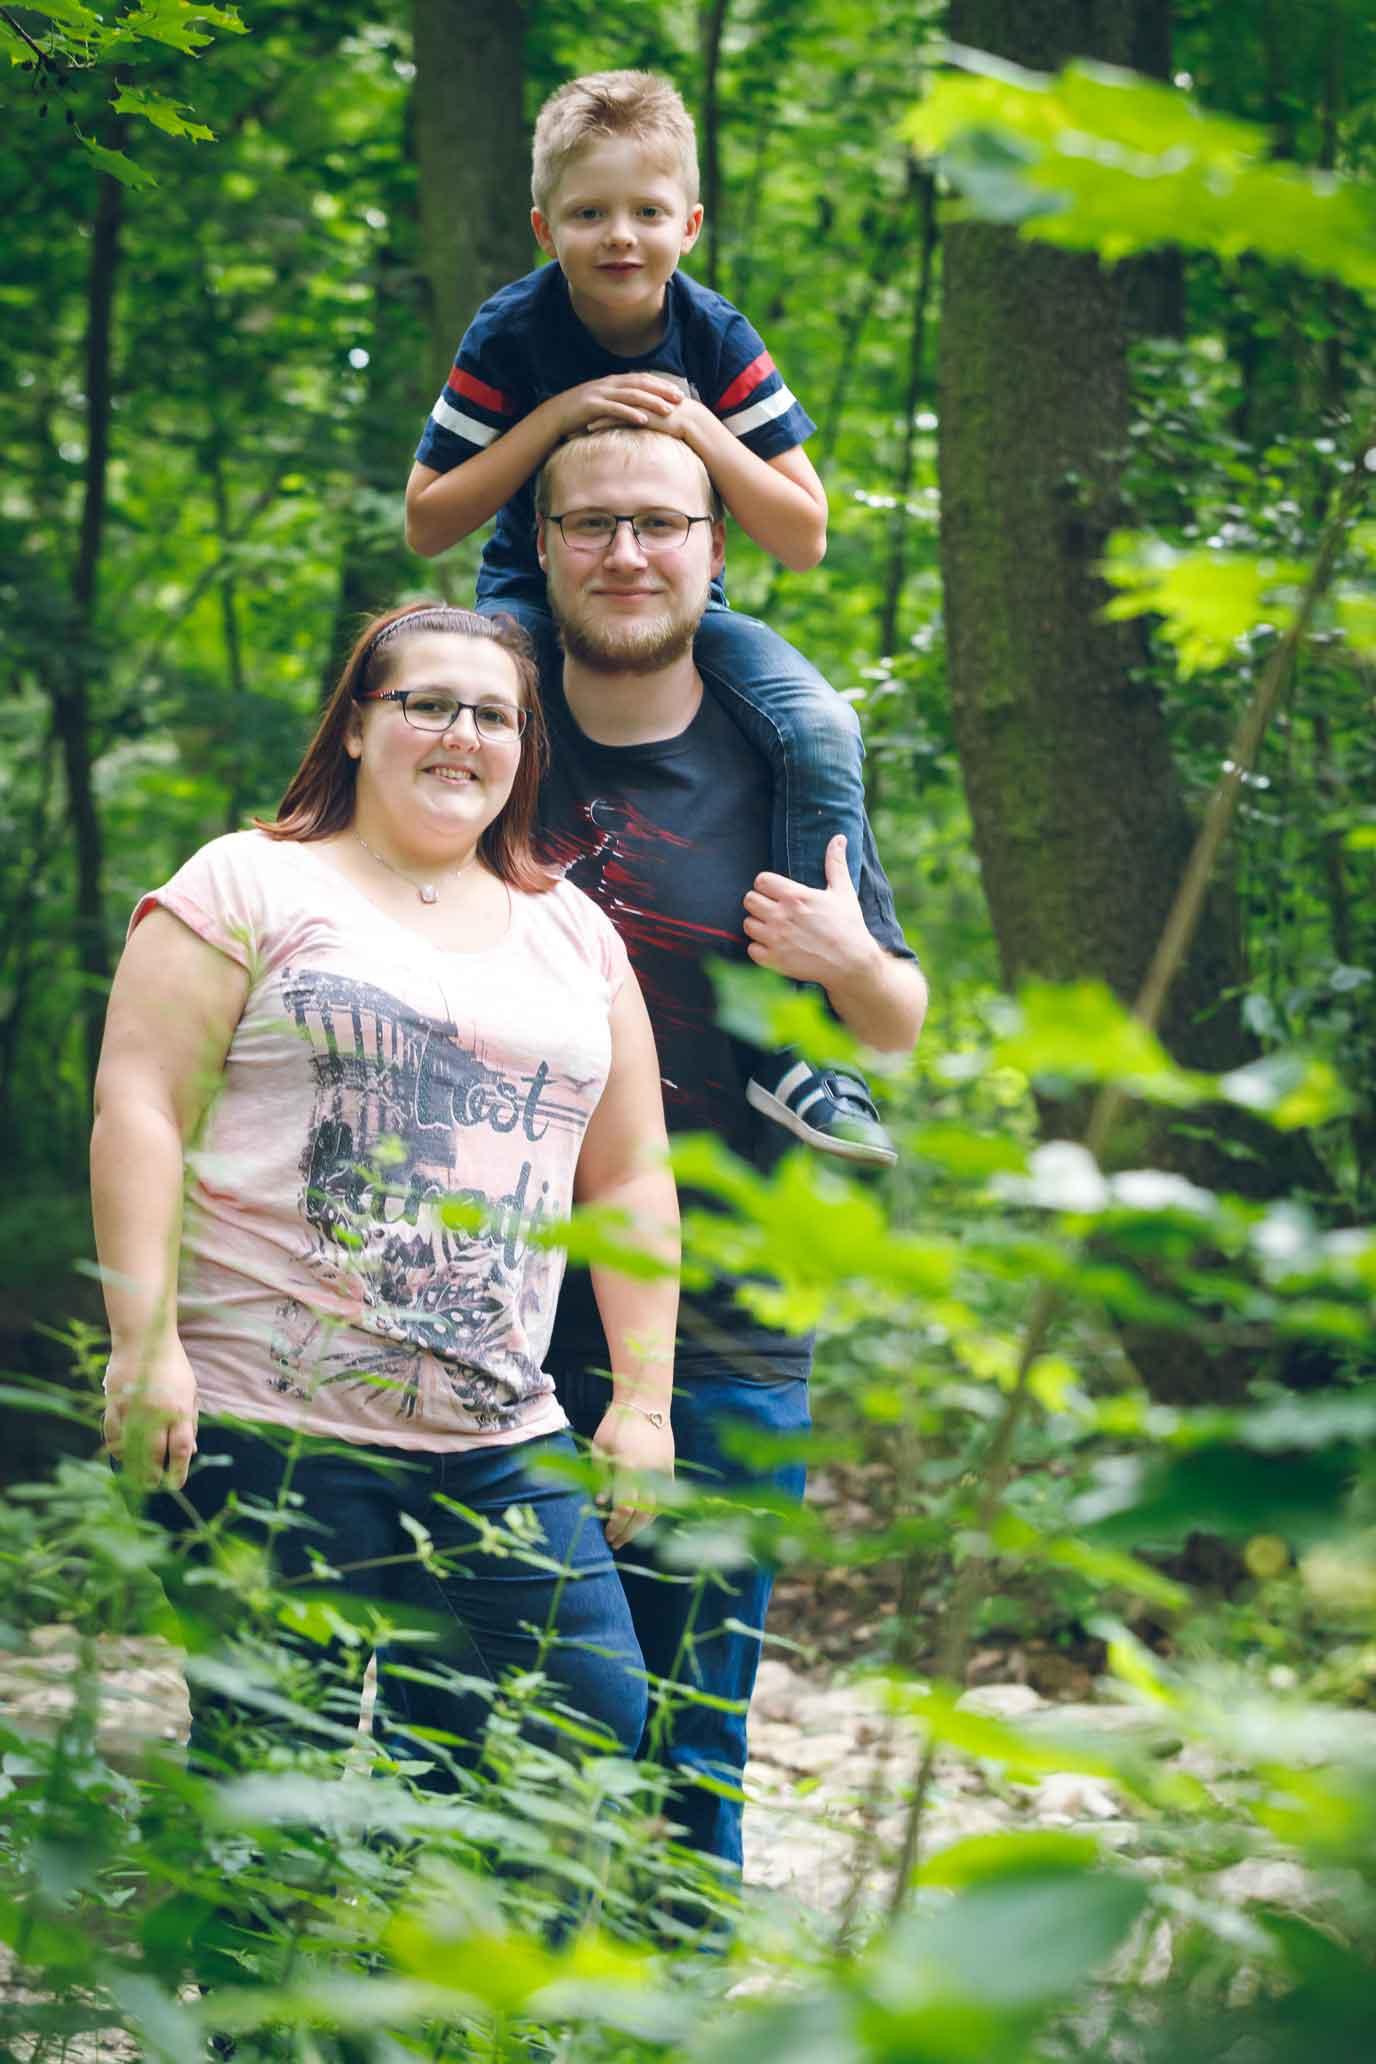 Familienshooting in Nürnberg - Ein Naturerlebnis am Dutzendteich IMG 9900w